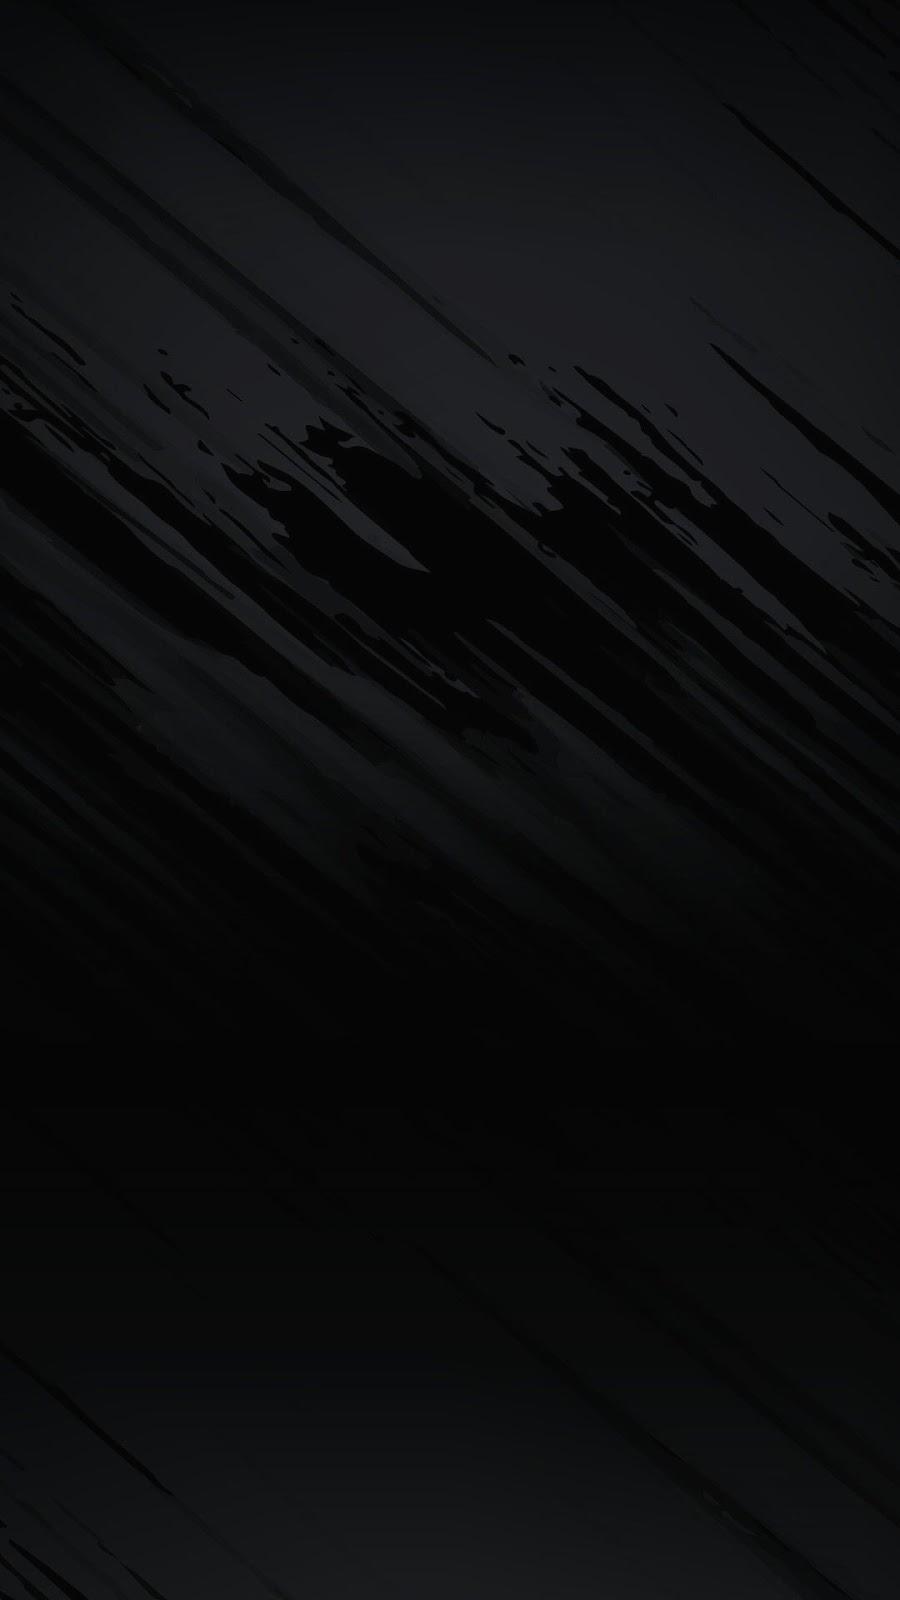 فريد خط العرض باستخدام الكمبيوتر خلفيات ساده جميله جدا Virelaine Org